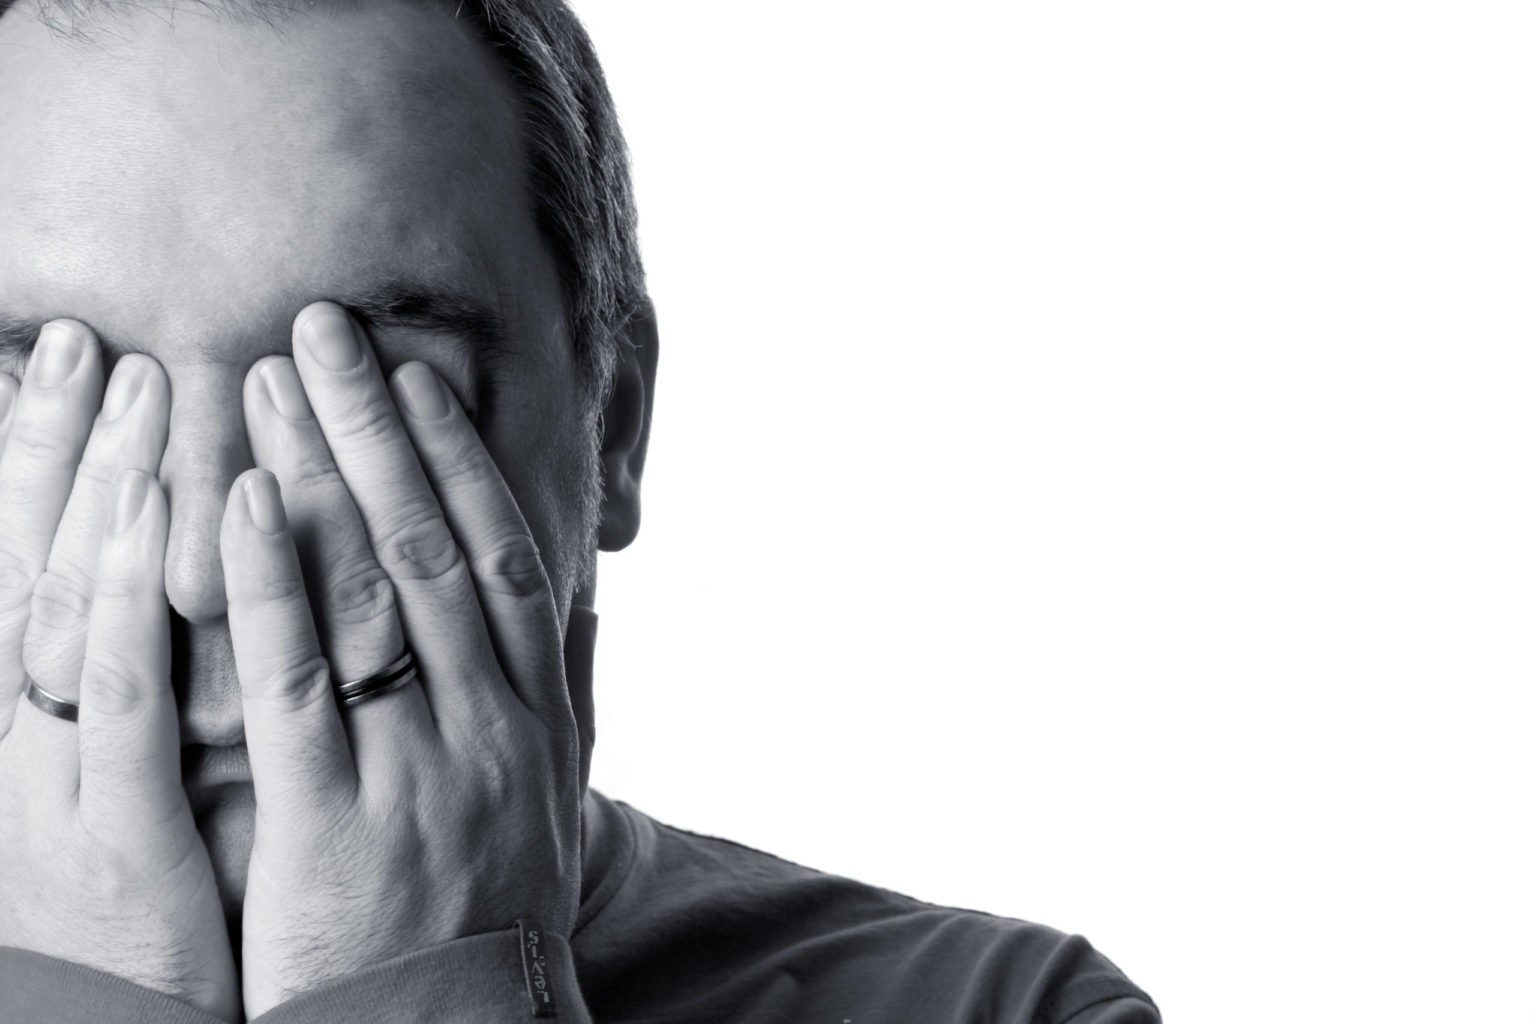 Панические атаки или ВСД ( вегето-сосудистая дистония). Не здоров – не болен!